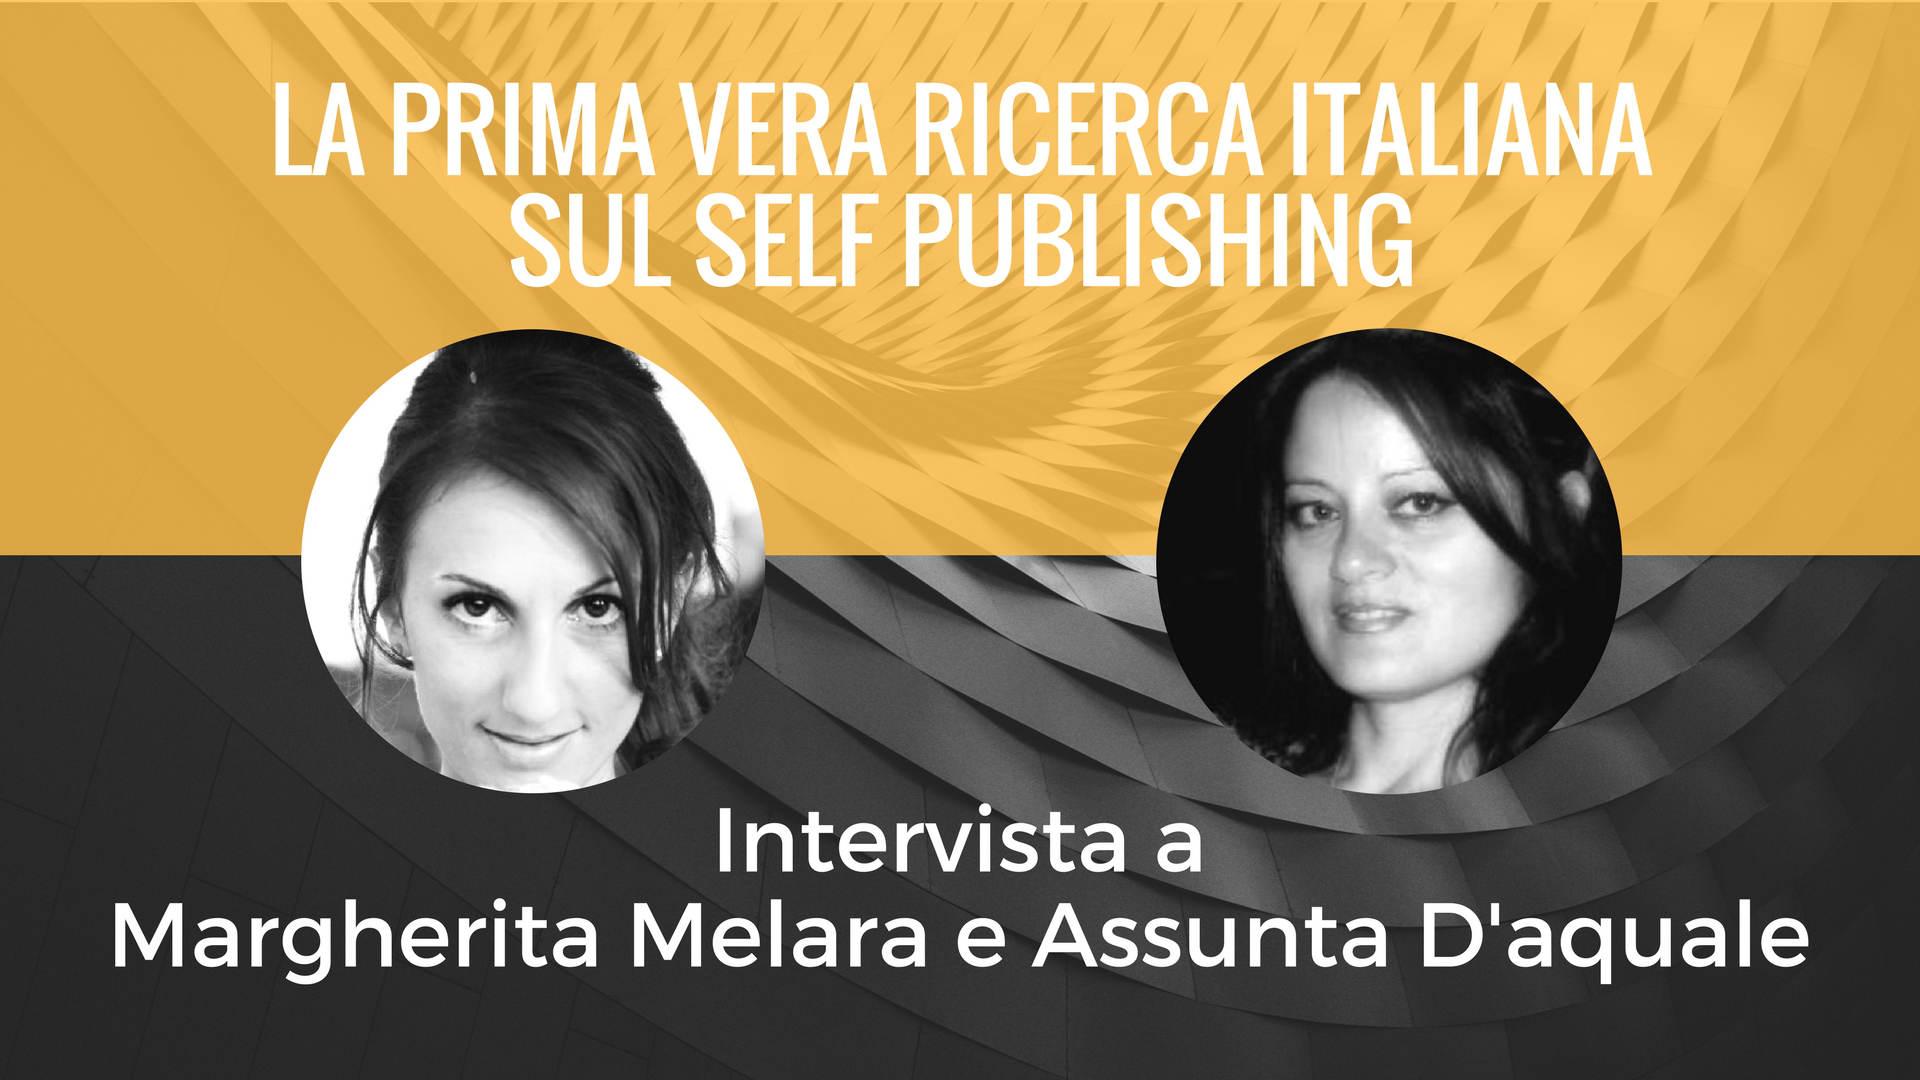 Intervista a Margherita Melara e Assunta D'aquale